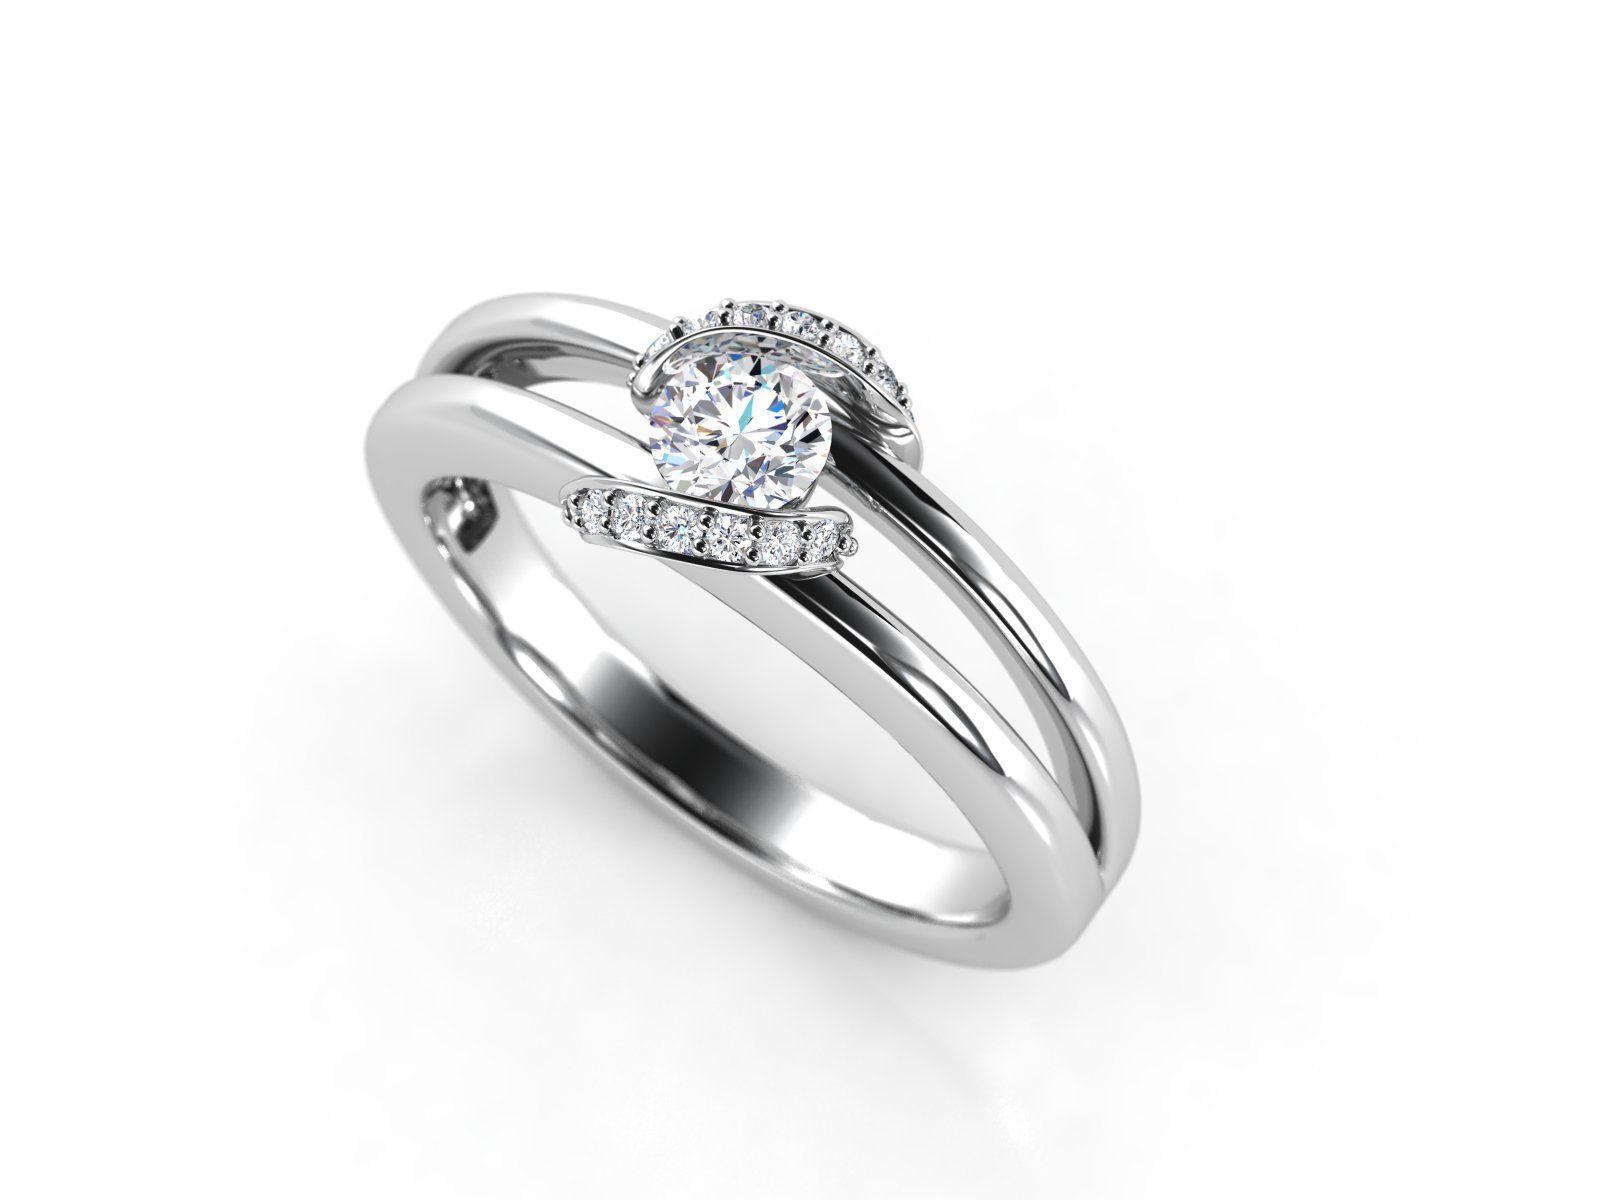 """טבעת-אירוסין-זהב-לבן-מעוצבת-בסגנון-מודרני-סה""""כ-0.30-קראט-יהלומים-7"""